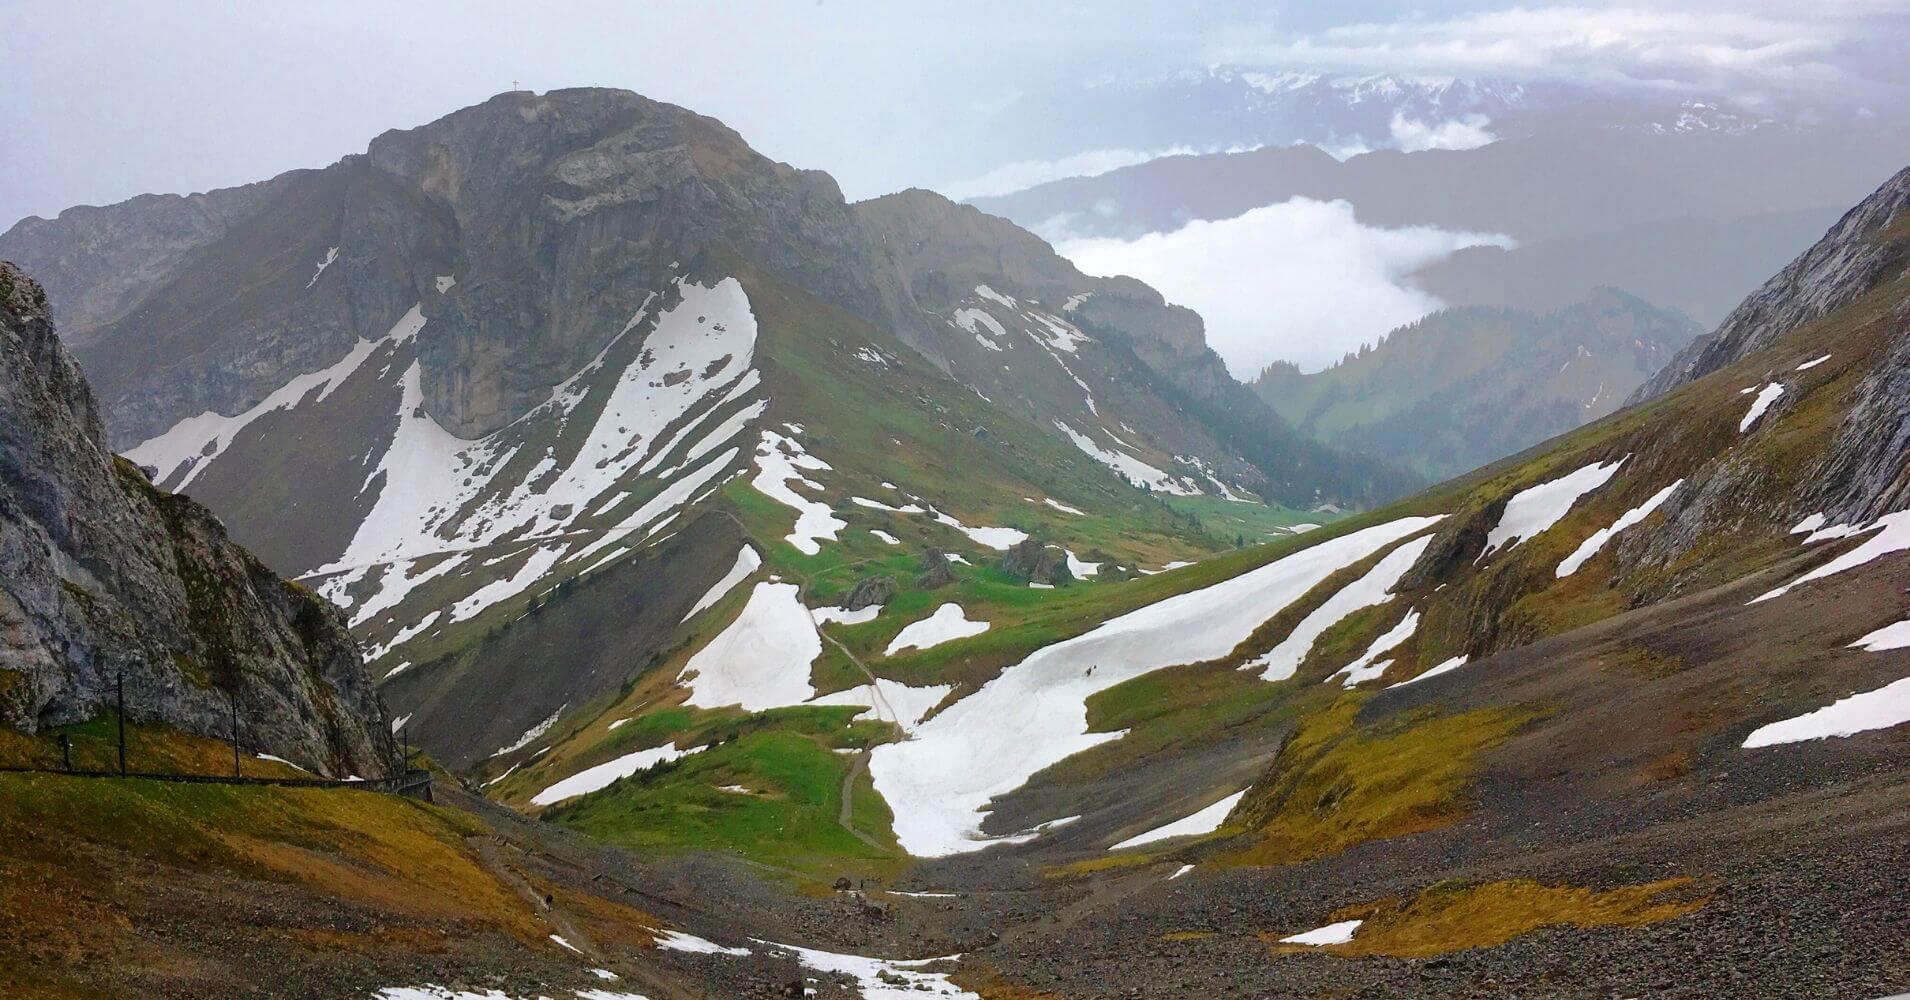 Panorámicas desde la cumbre. Suiza.